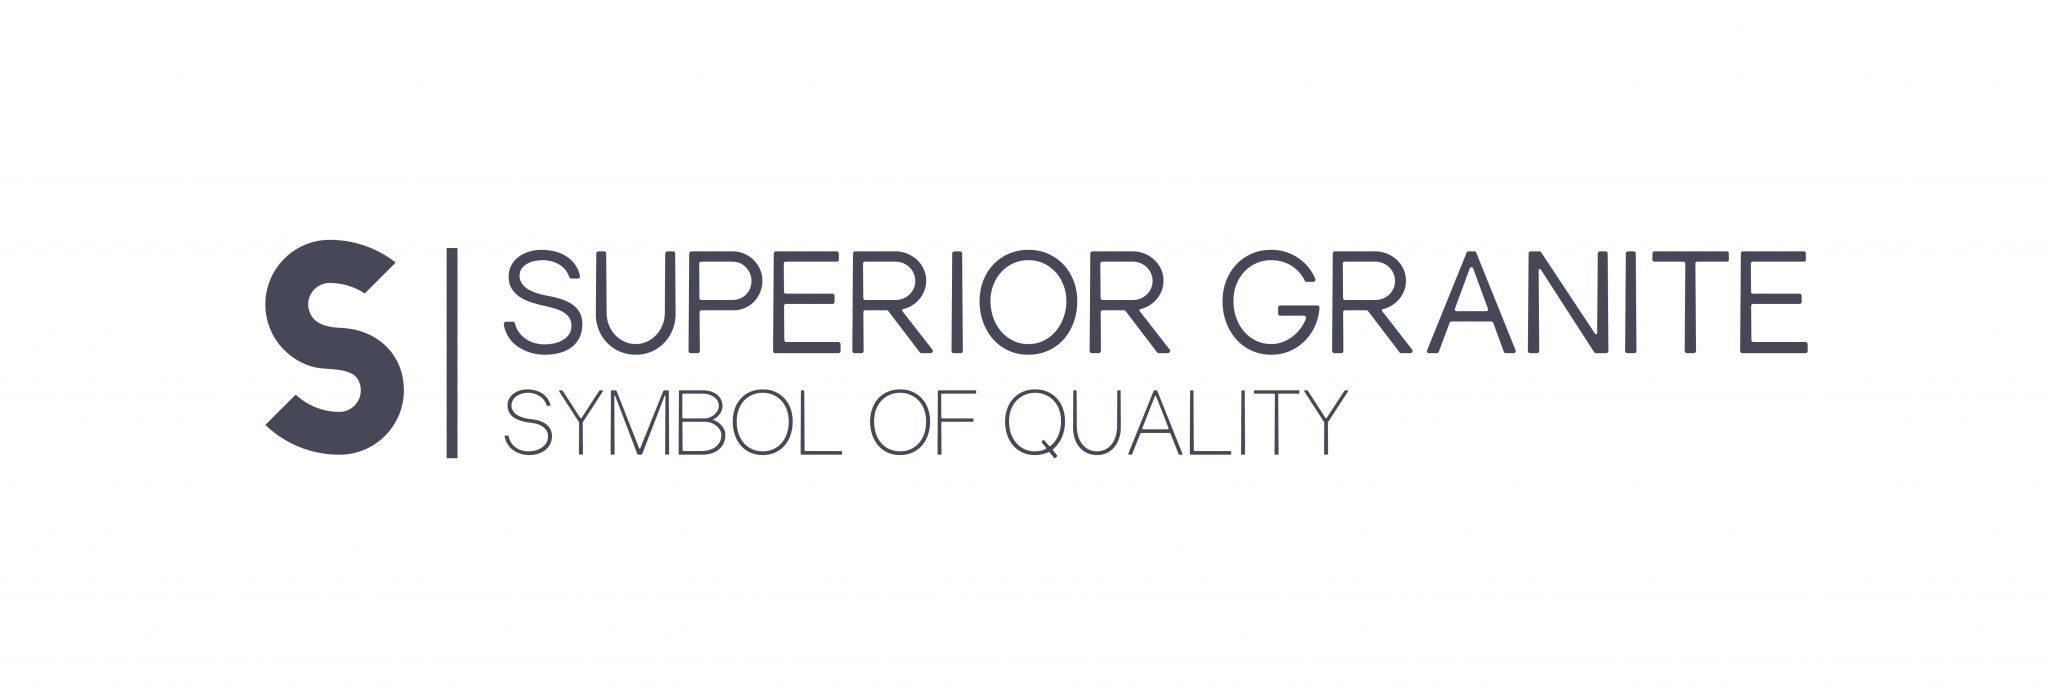 superior_granite